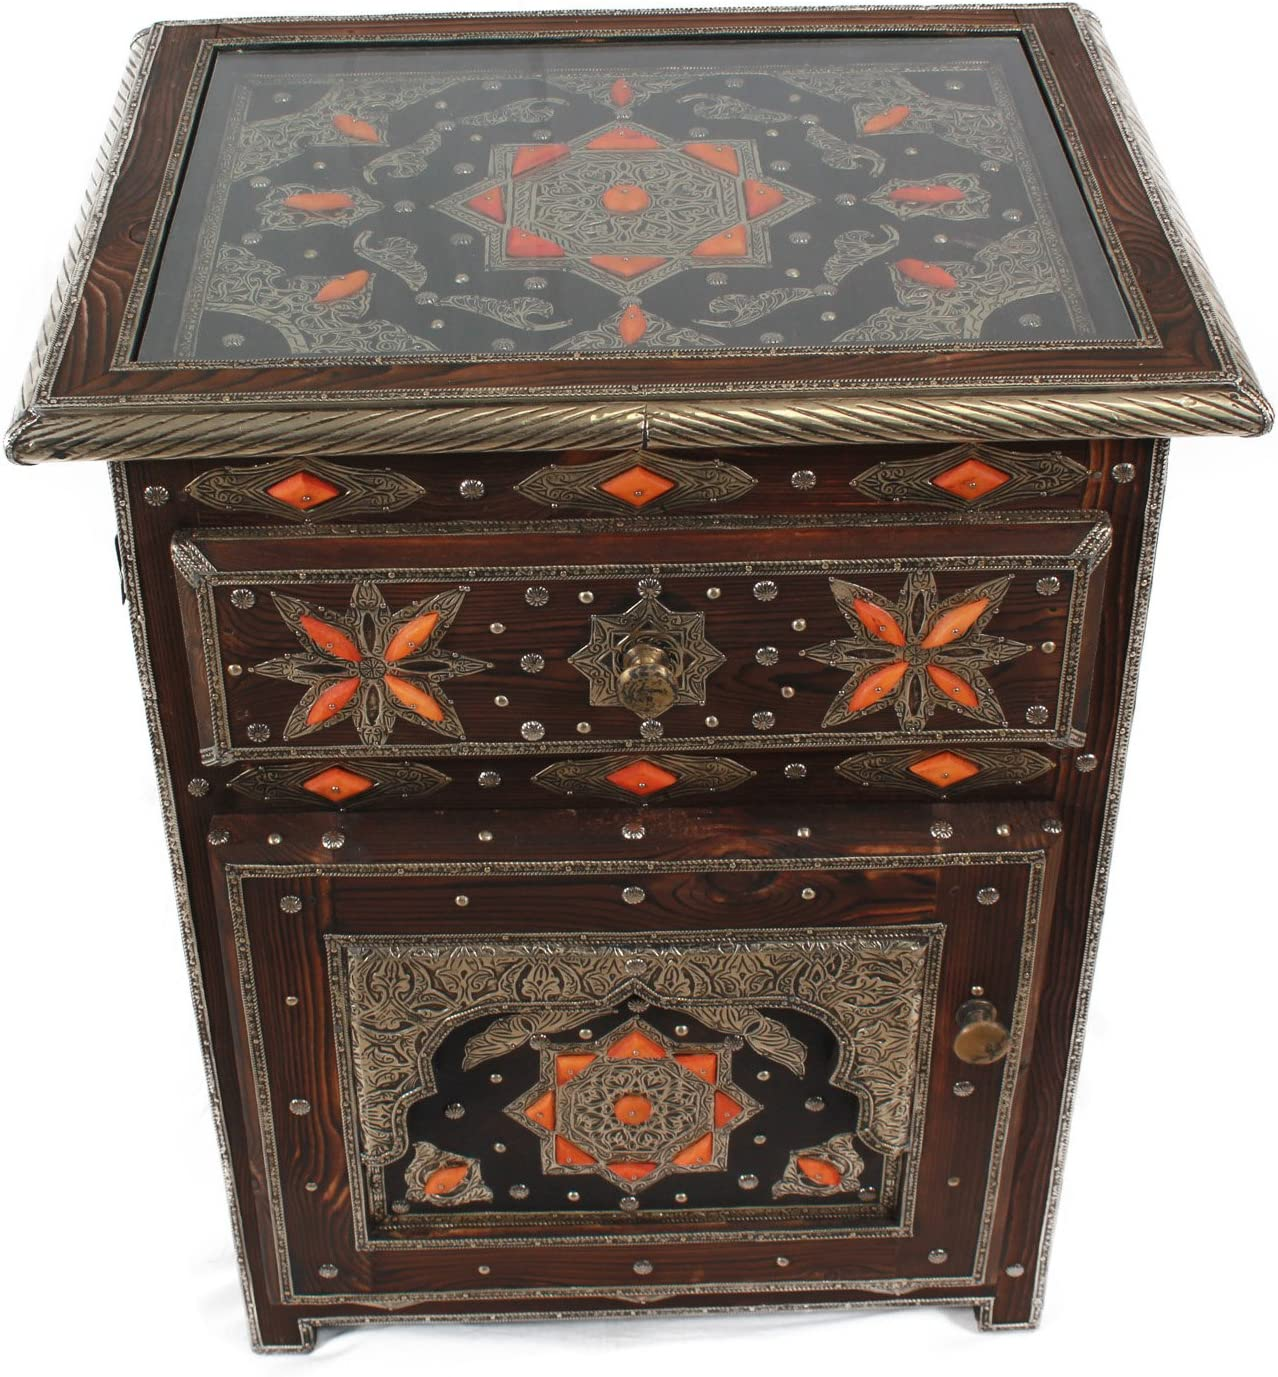 Casa Moro MO4001 Mesita de noche de madera maciza Khalifa Bollywood estilo oriental acento muebles compartimiento de almacenamiento 1 caj/ón 1 puerta y adornos y manijas de metal